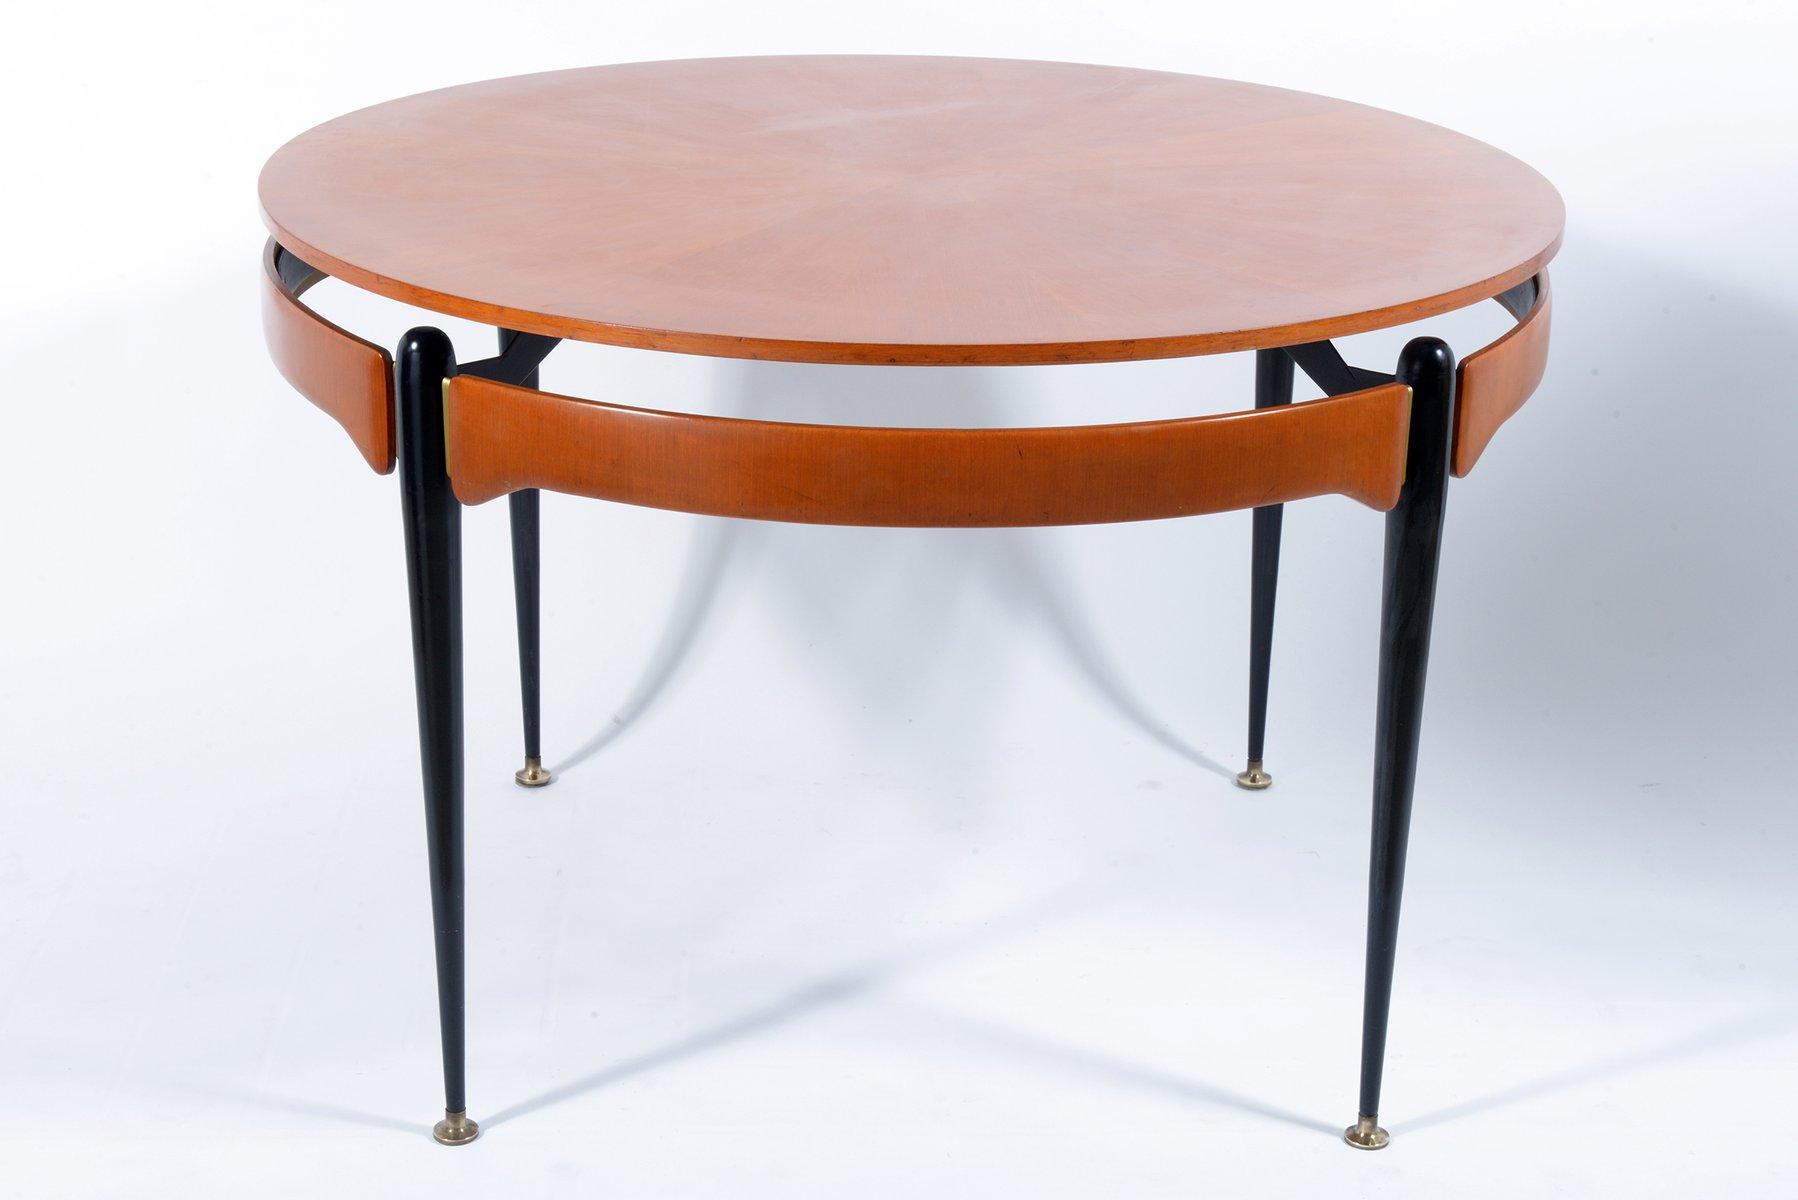 runder tisch aus nussbaum und schwarzem metall 1960er bei pamono kaufen. Black Bedroom Furniture Sets. Home Design Ideas